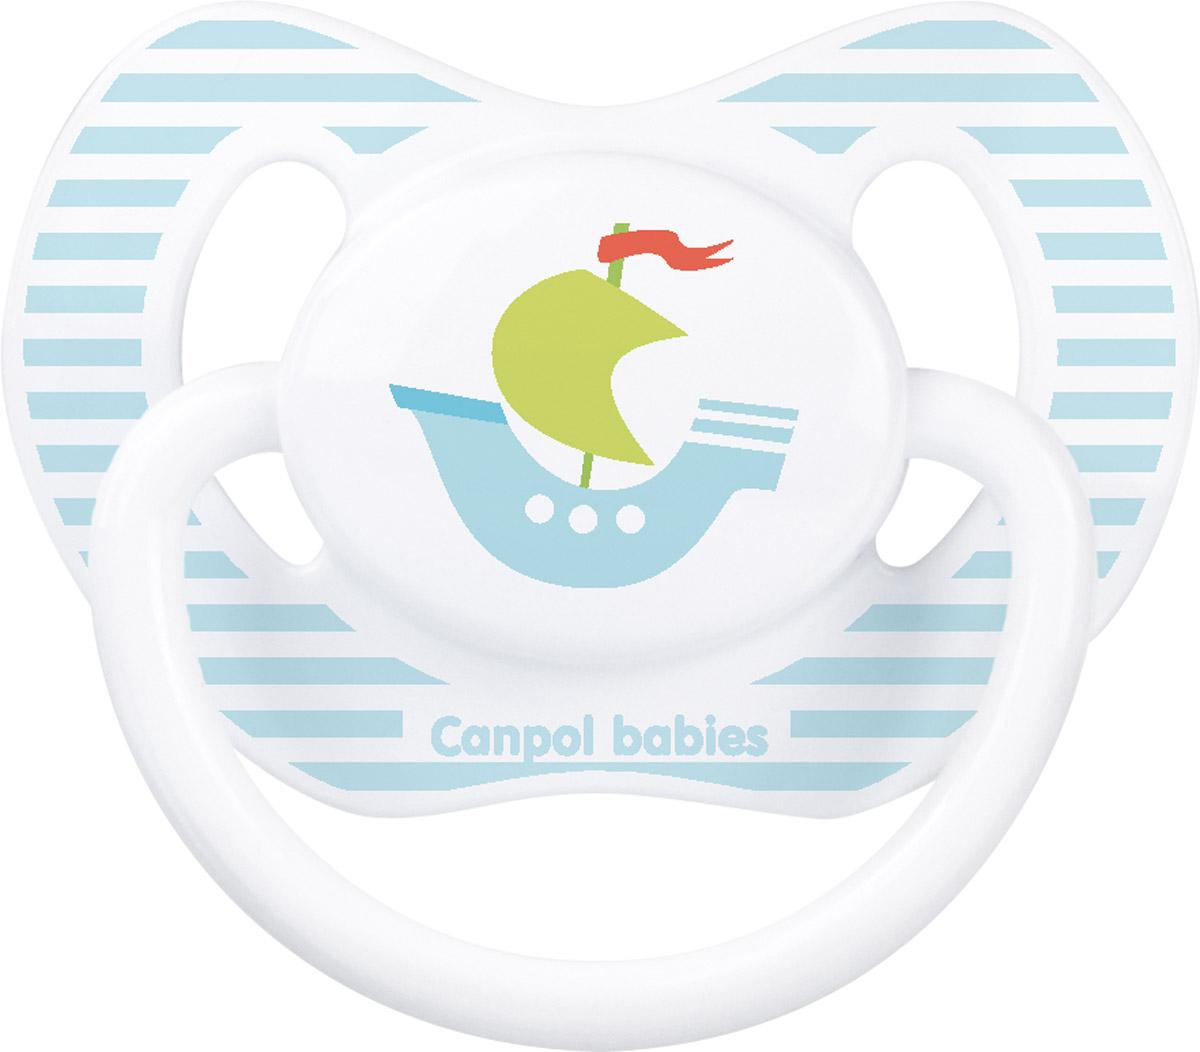 Canpol Babies Пустышка силиконовая ортодонтическая Кораблик от 6 до 18 месяцев canpol babies силиконовая зубная щетка от 6 мес canpol babies в ассорт